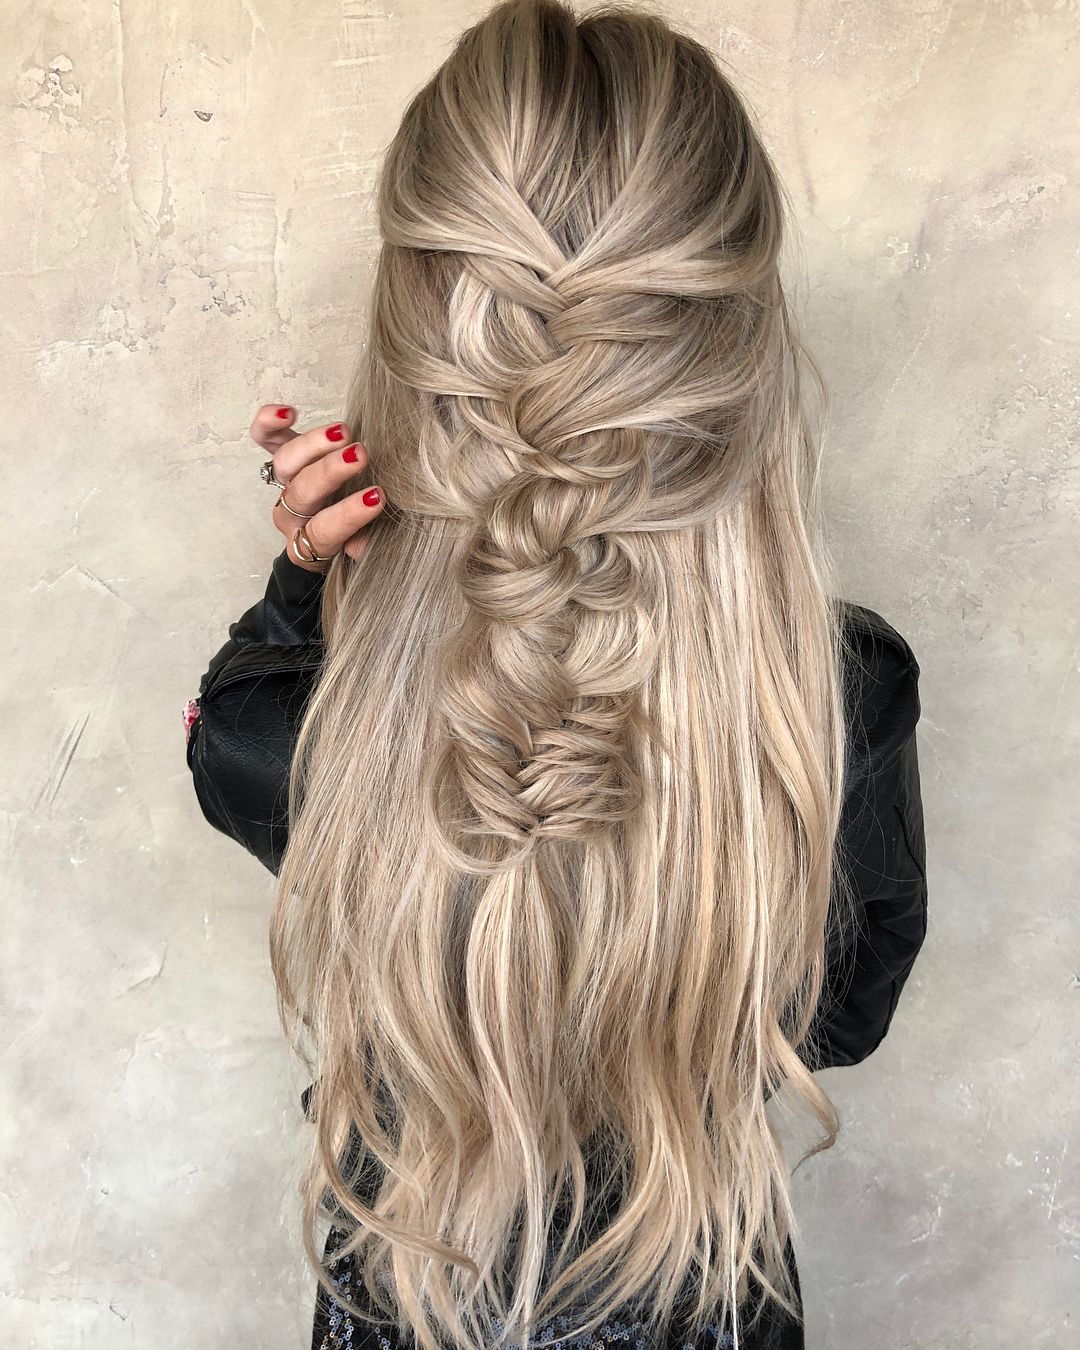 Aufregende Neue Lange Geflochtene Frisuren Aufregende Frisuren Geflochtene Lange Afrikanische Haare Frisuren Langhaar Haar Styling